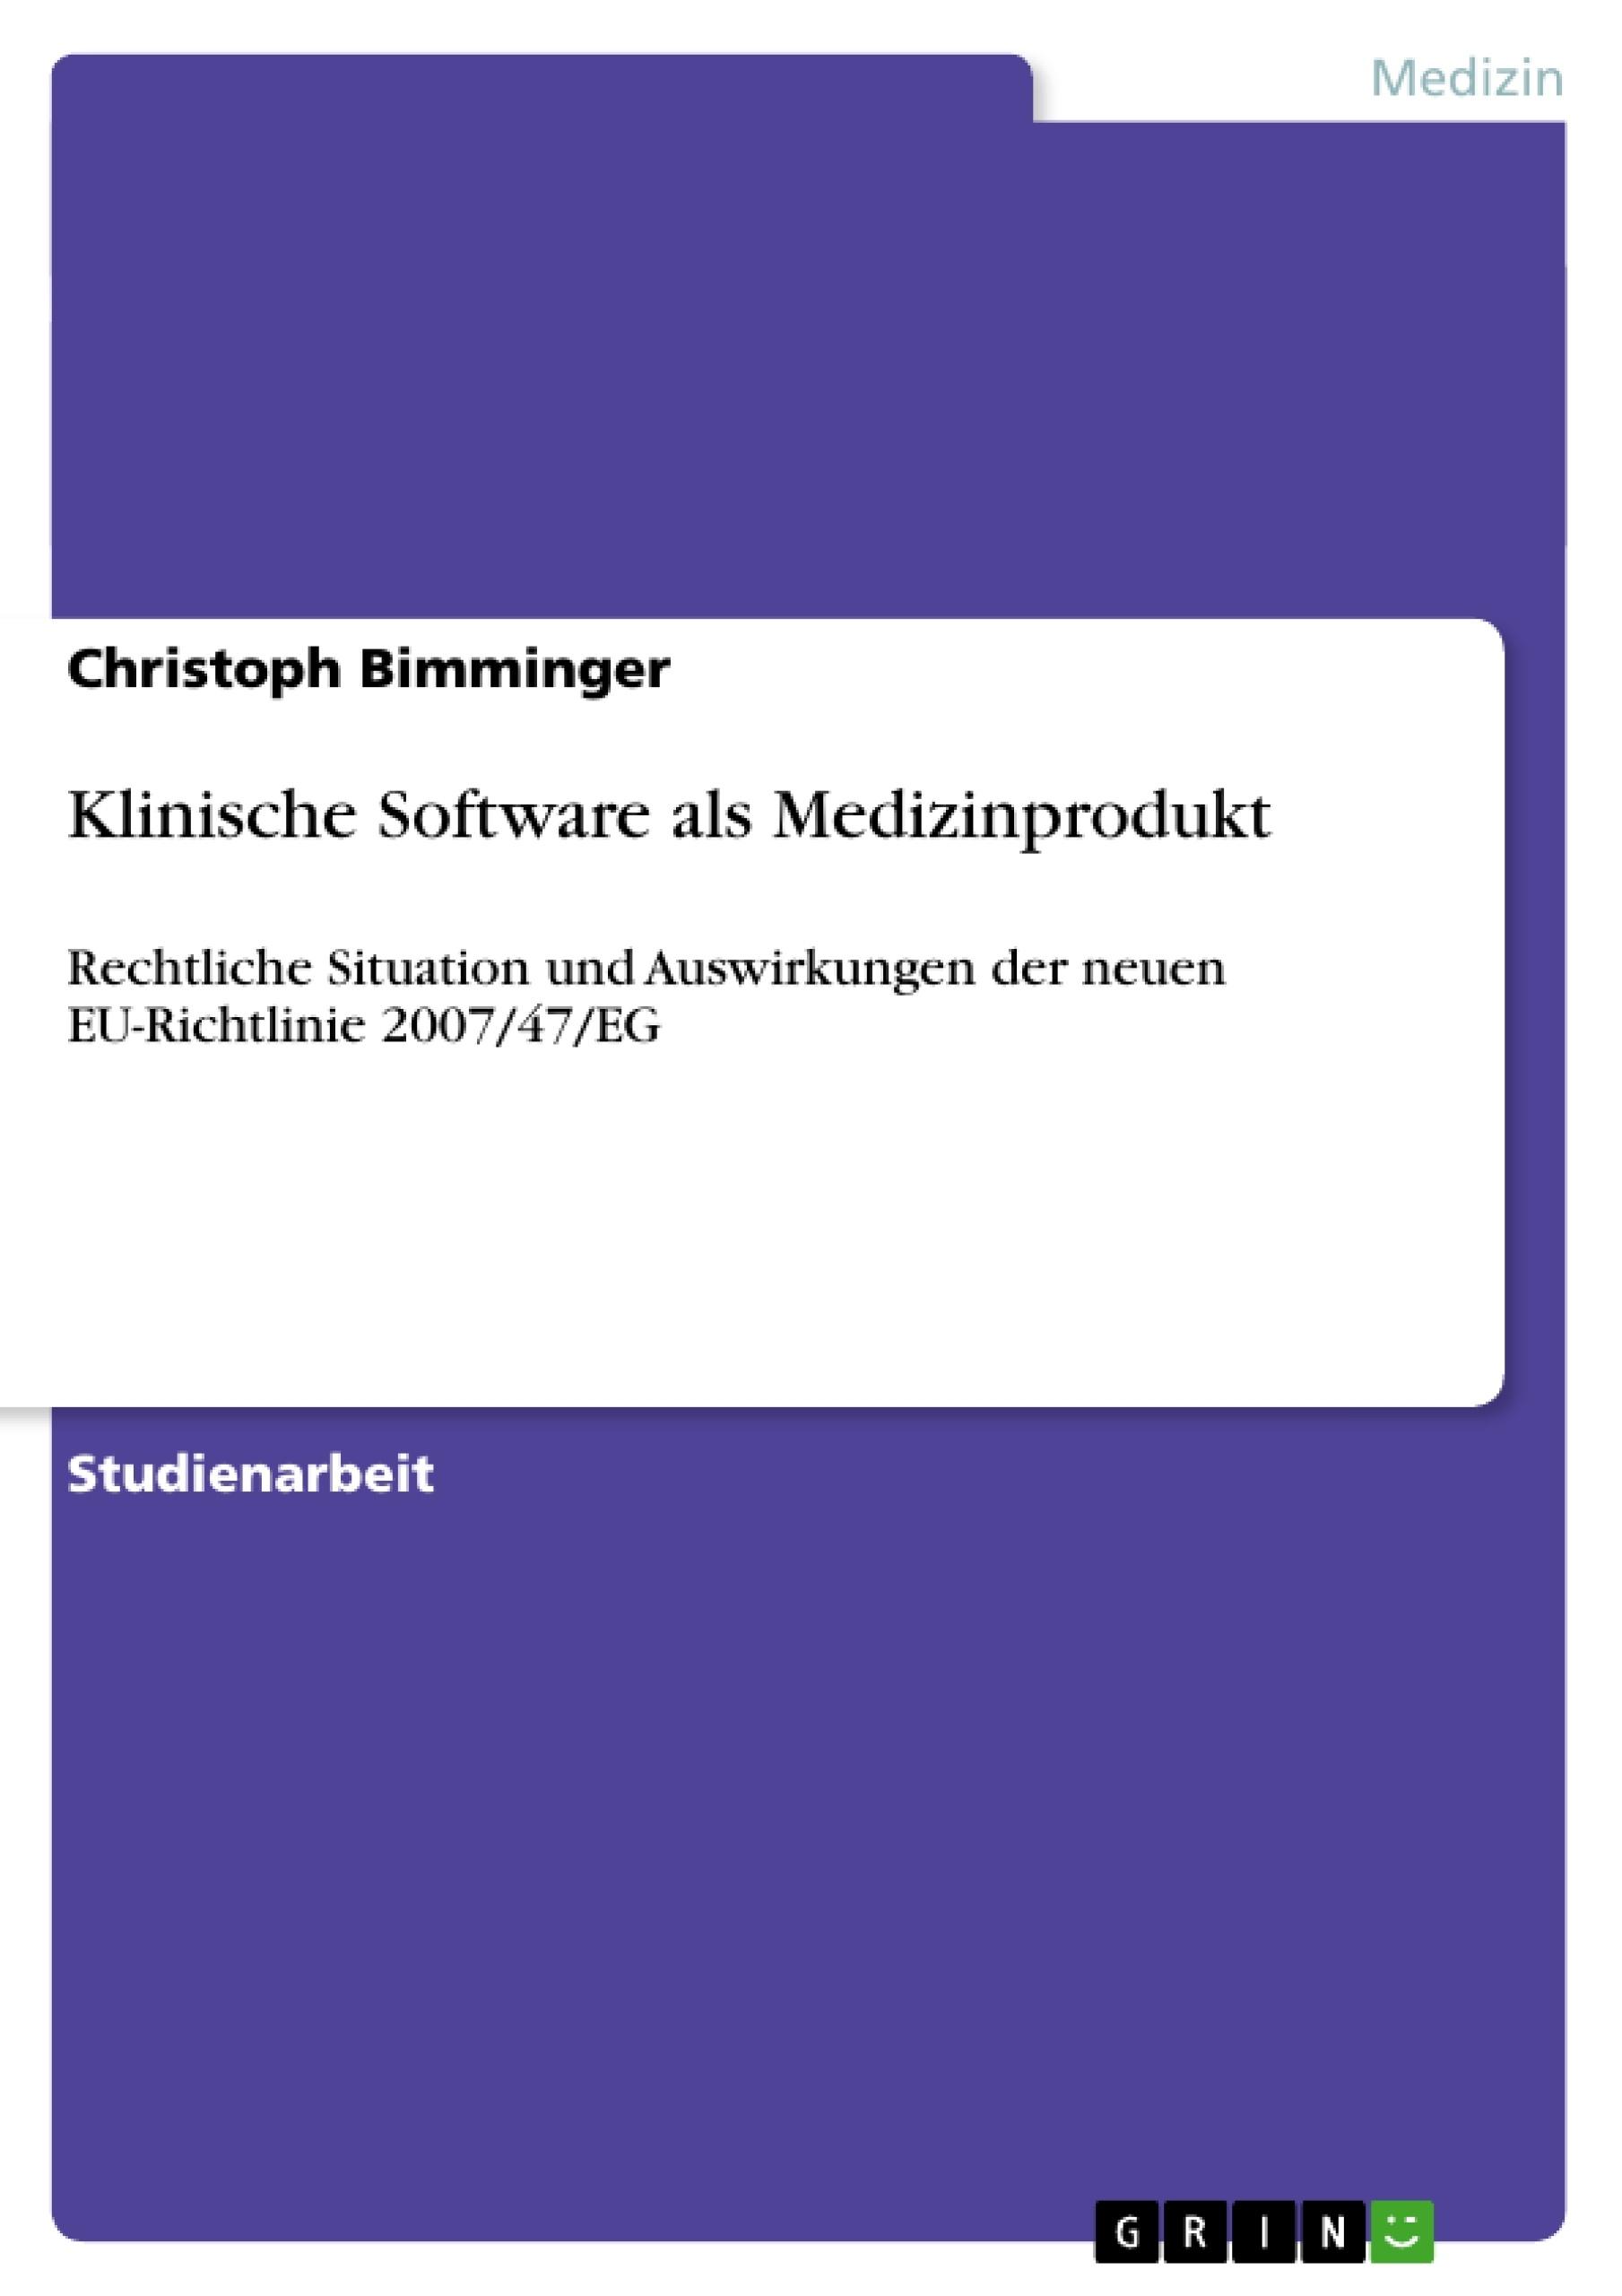 Titel: Klinische Software als Medizinprodukt